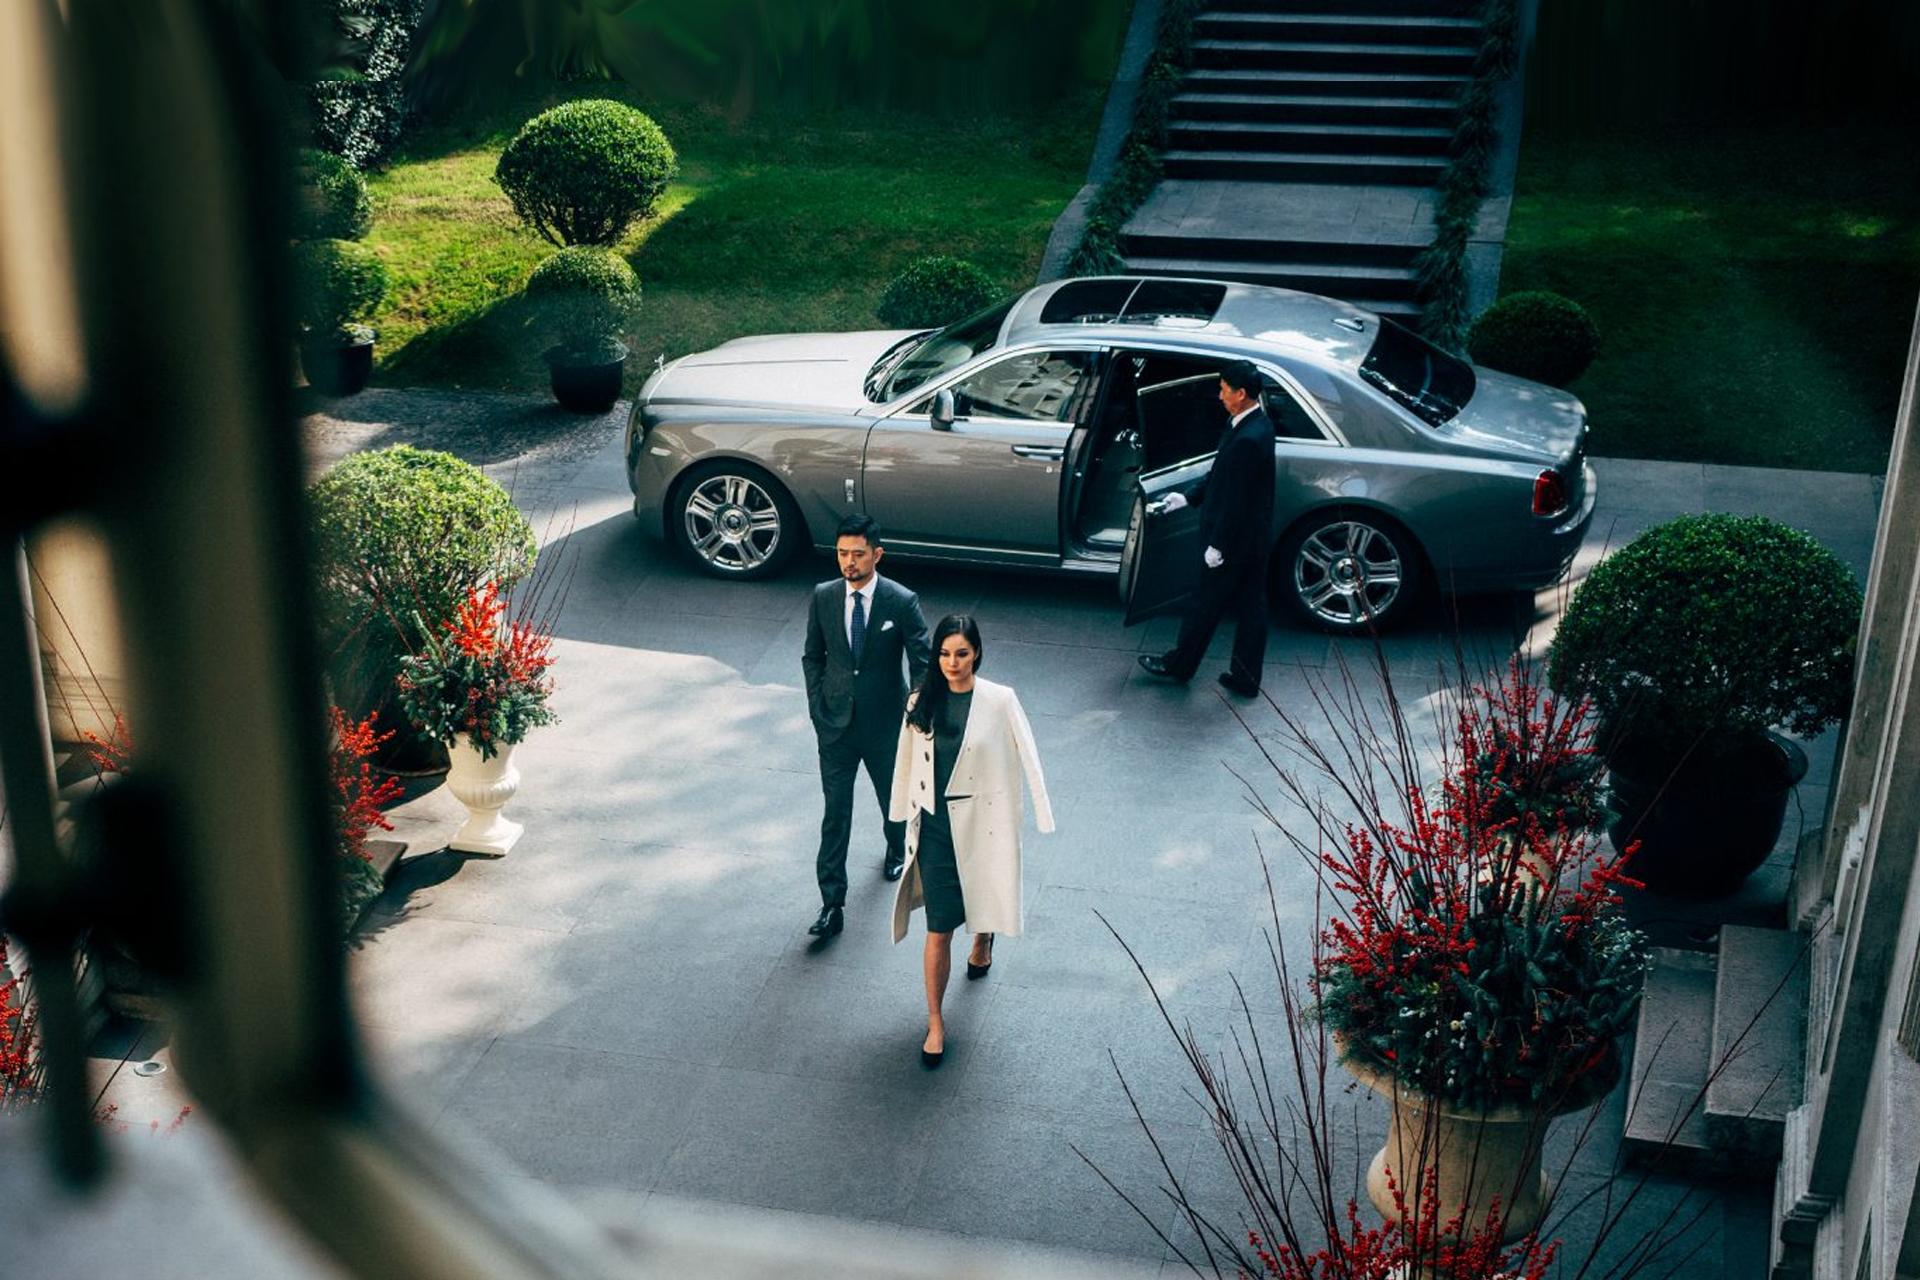 Rolls Royce Hire Manchester- Rolls-Royce Wedding Car Hire